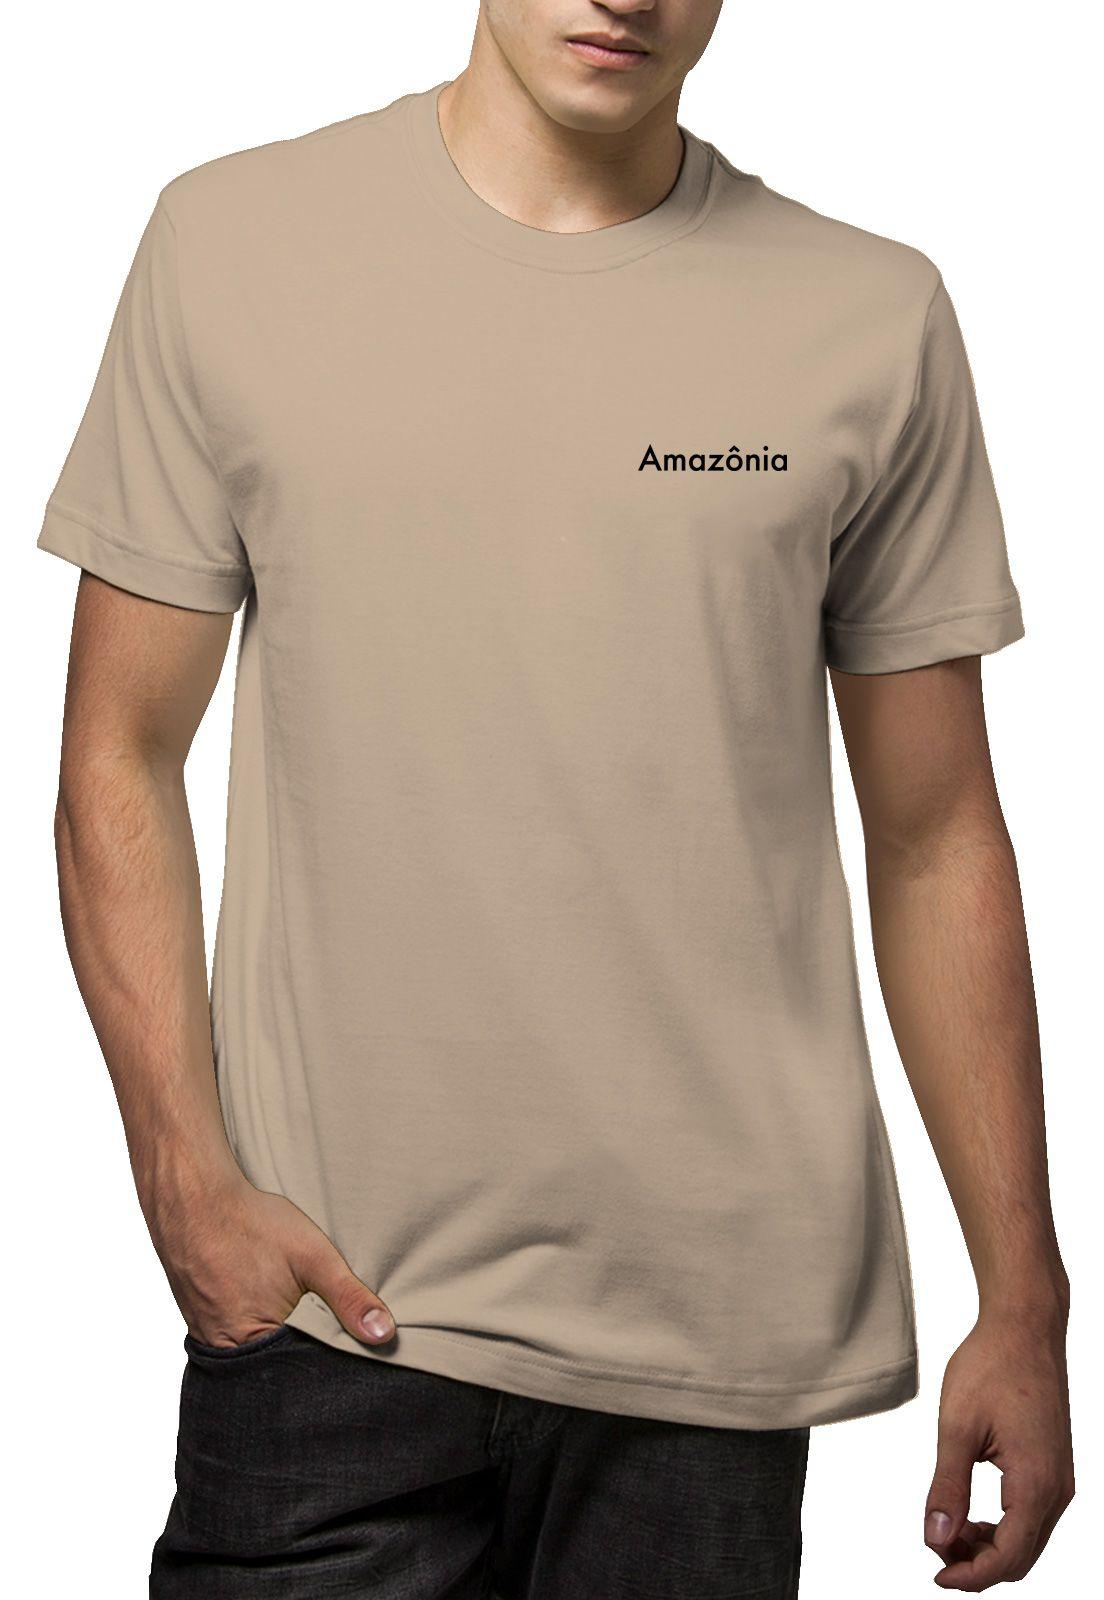 Camiseta Amazônia Ciclo da Vida - Bege